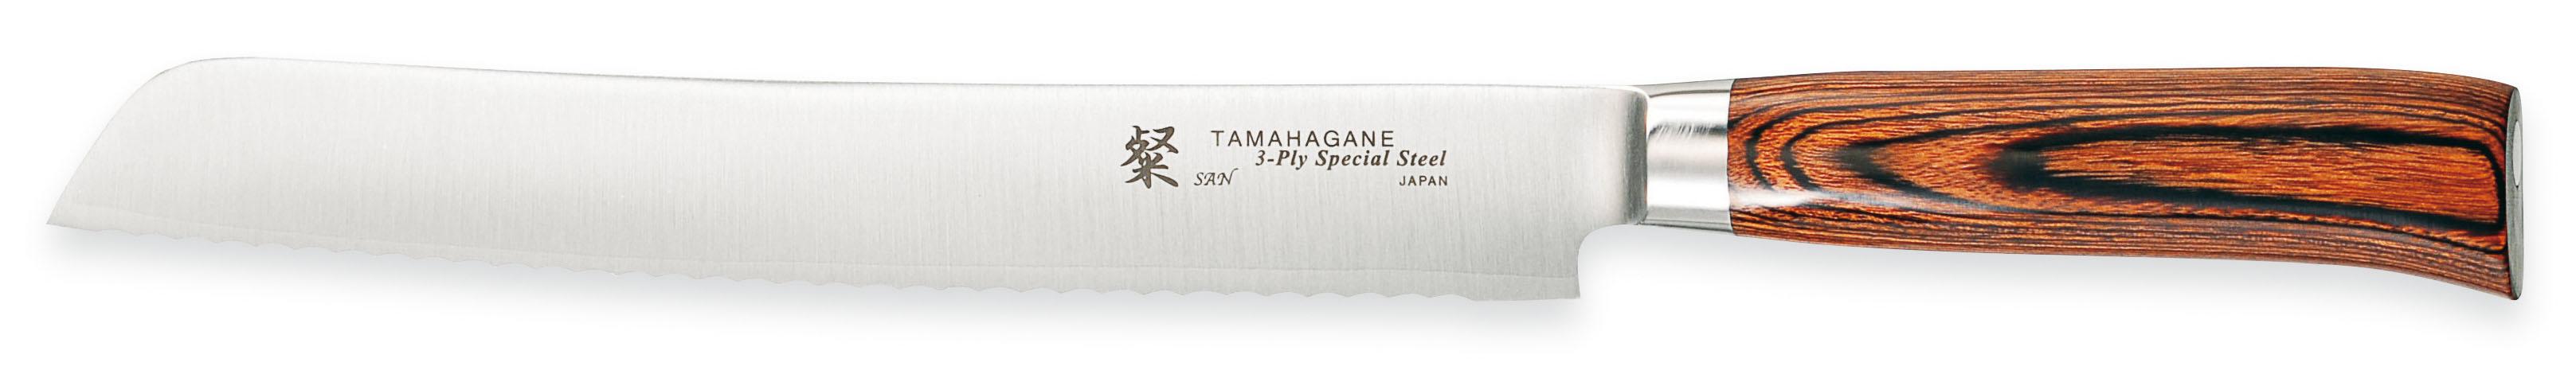 Tamahagane San Brødkniv 23 cm - ett lag